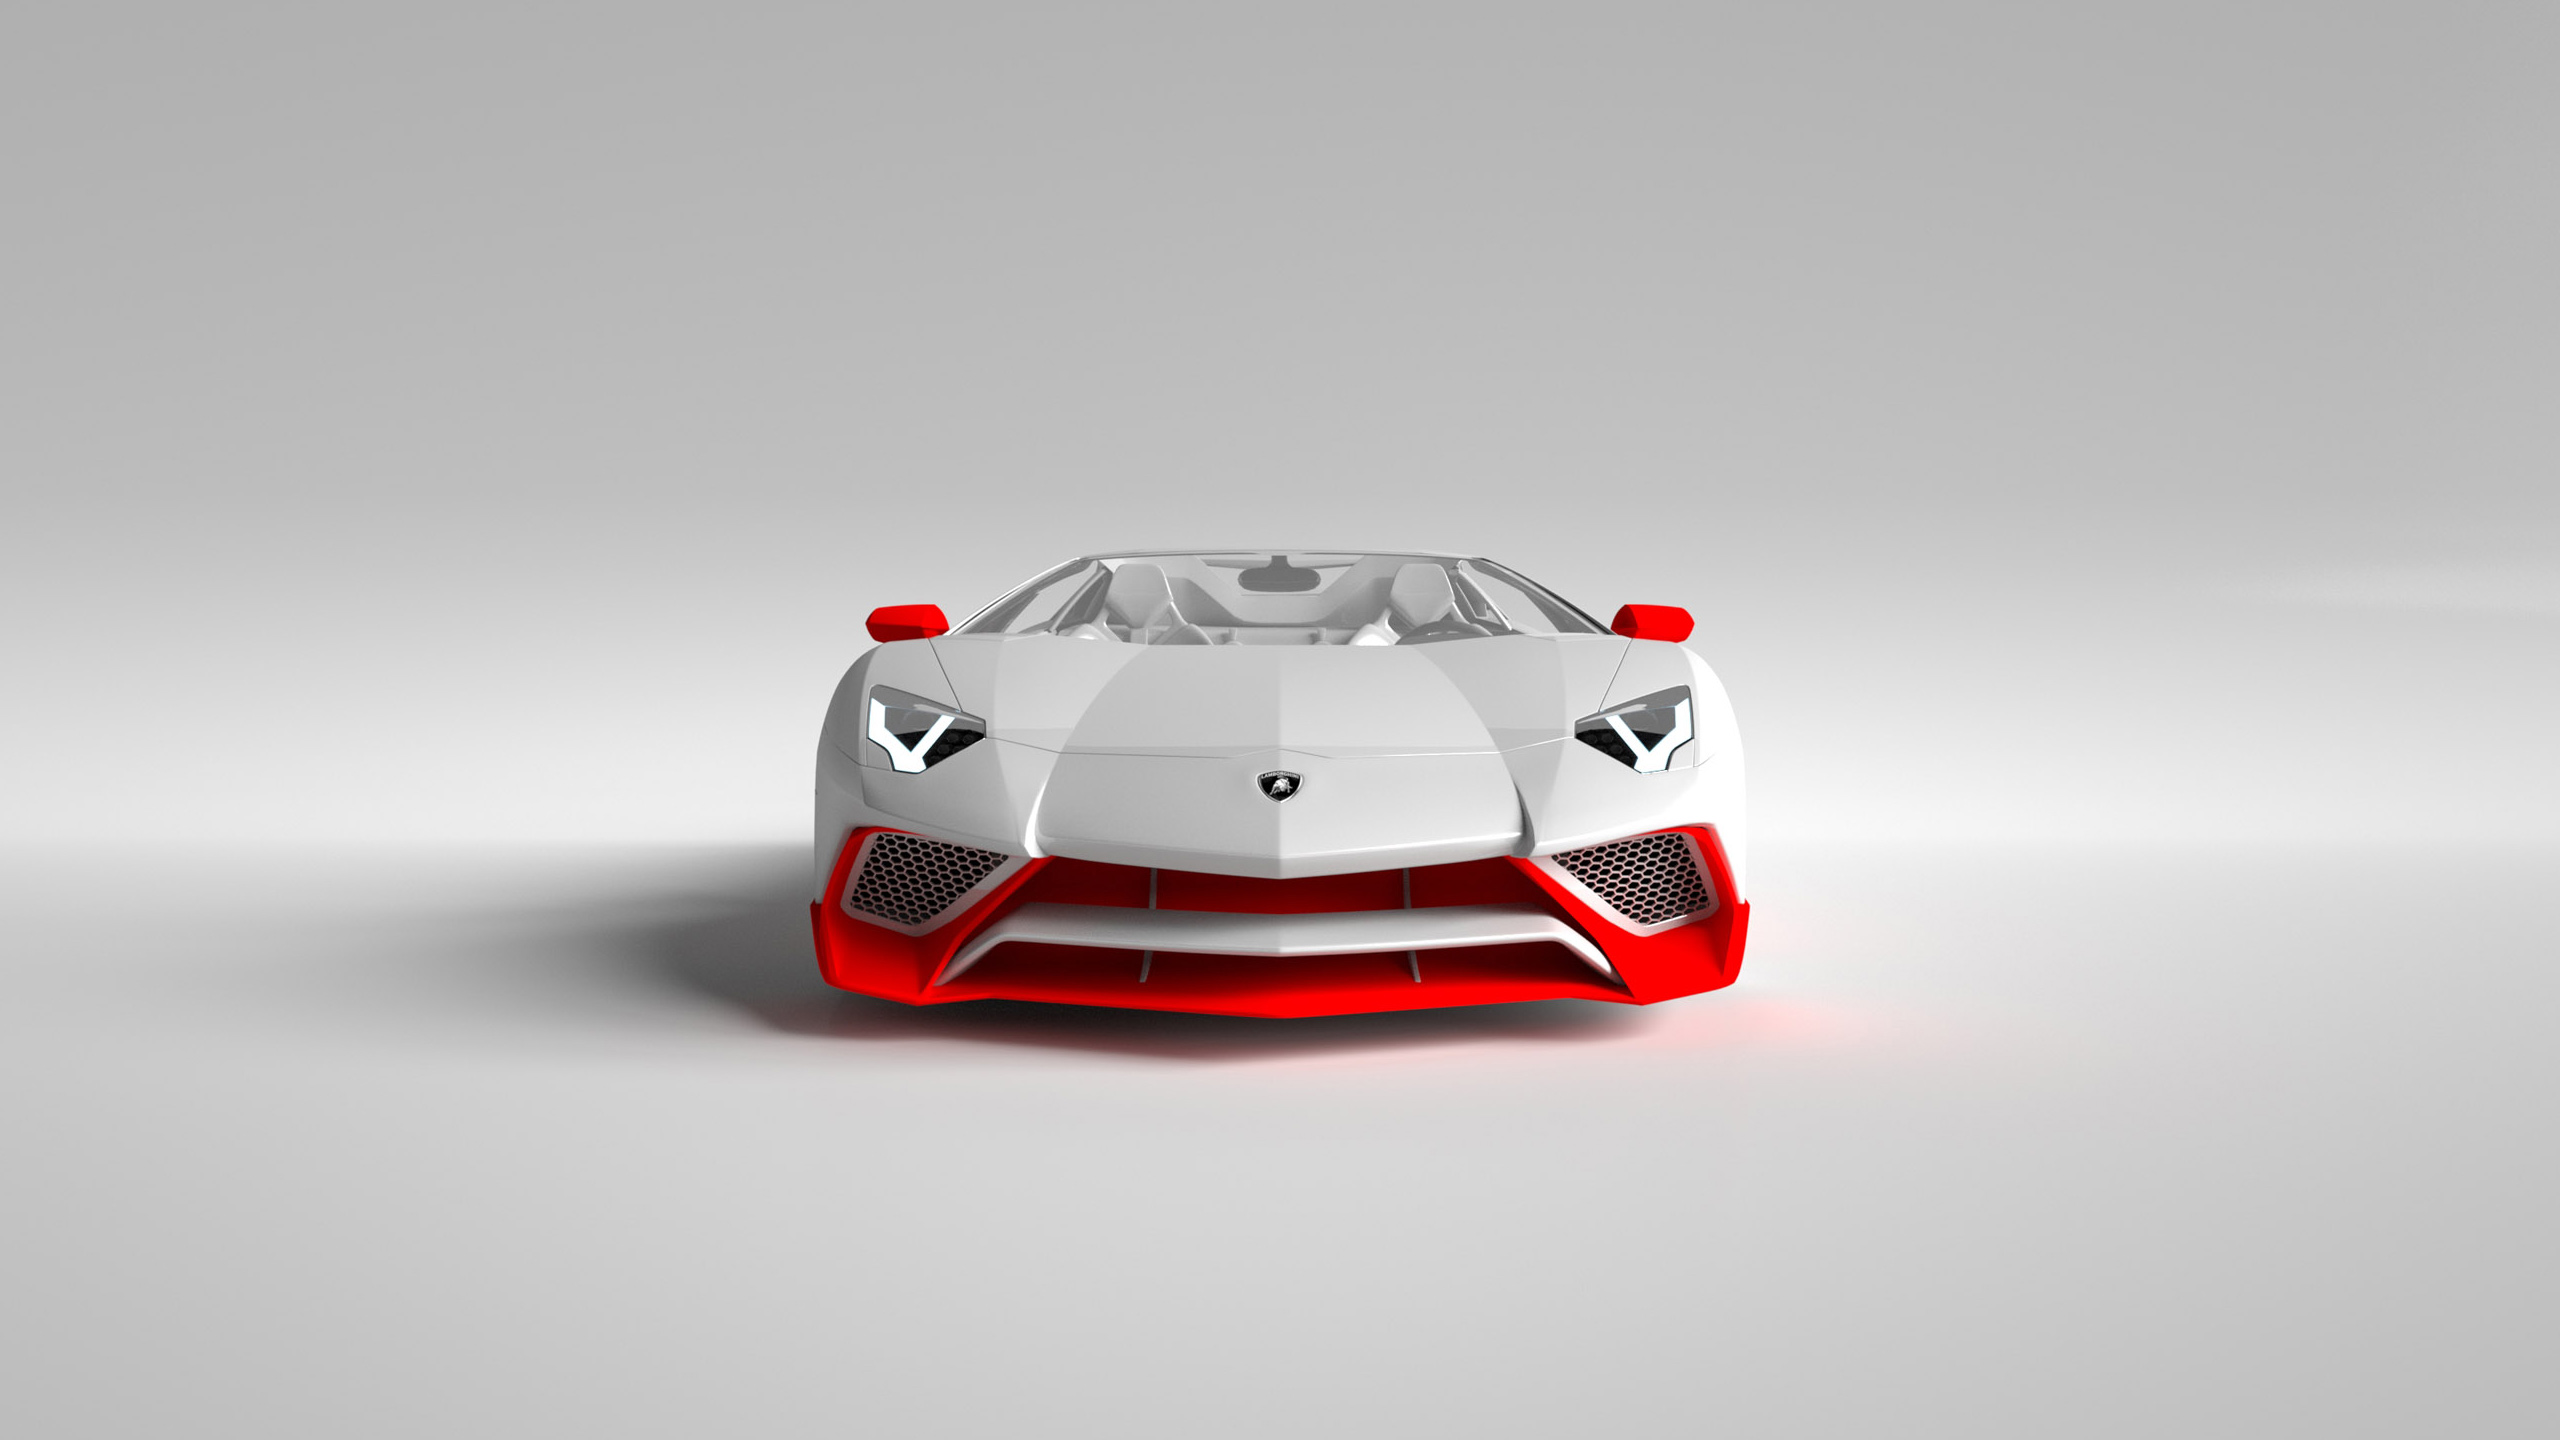 2016 Vitesse Audessus Lamborghini Aventador Lp750 4 Sv Wallpaper